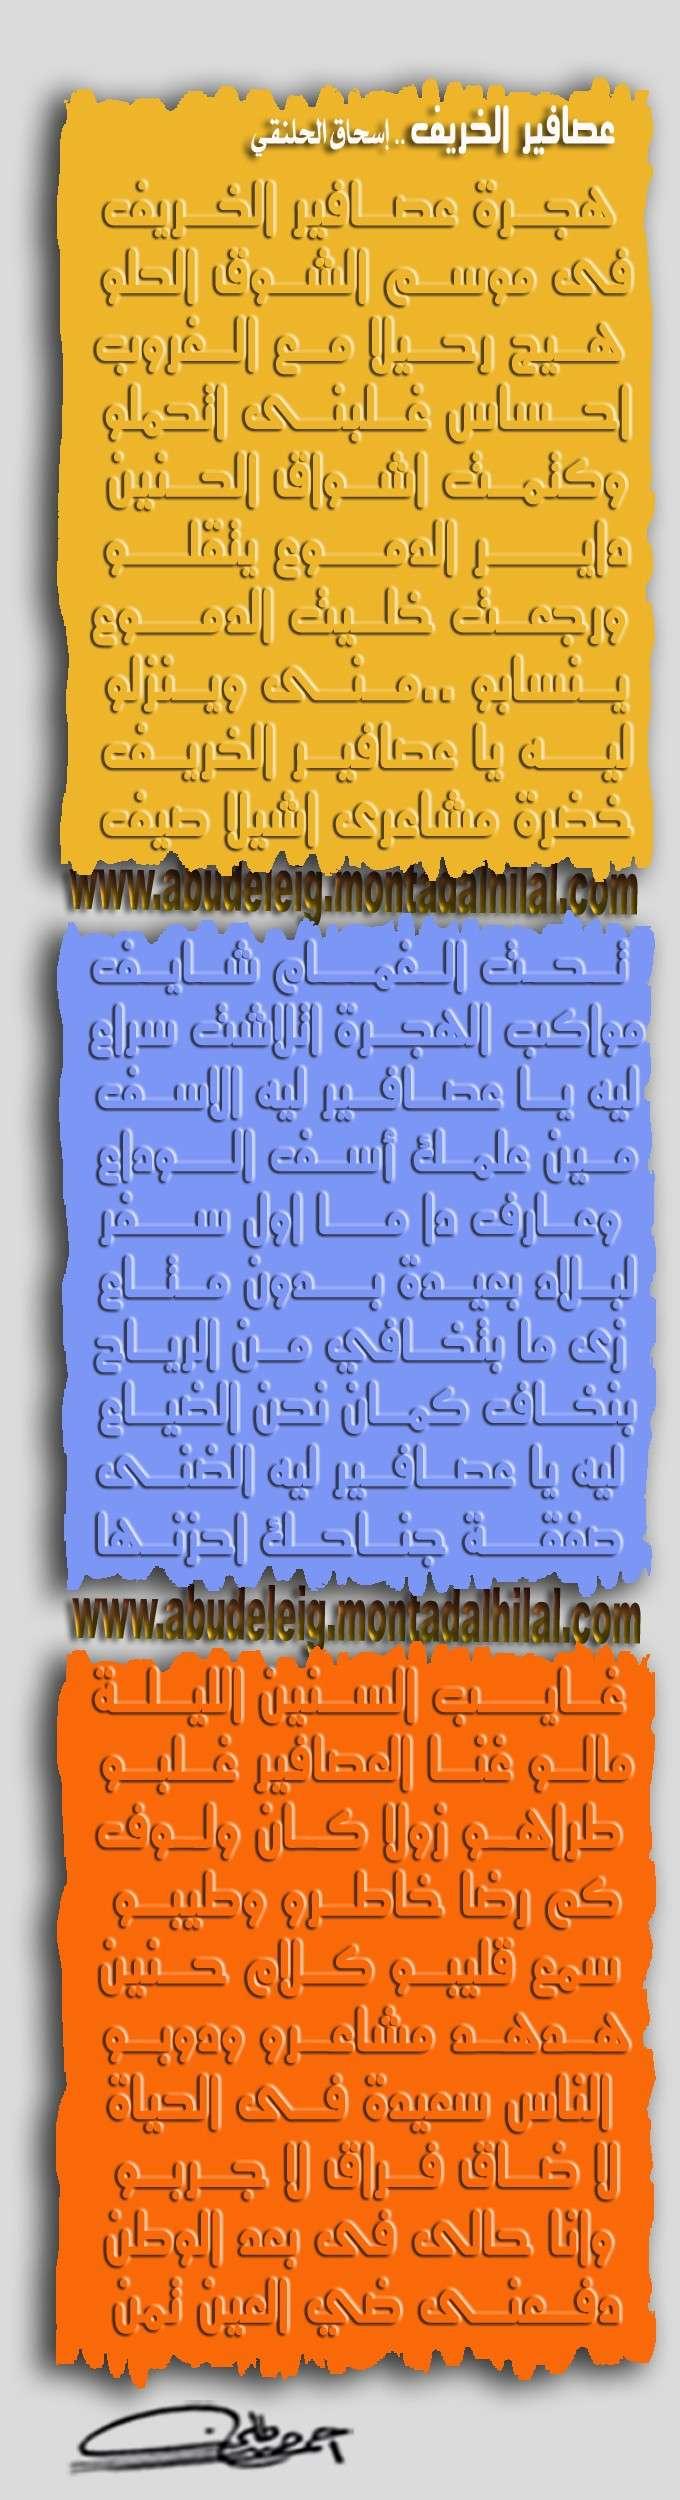 مكتبة الشاعر إسحاق الحلنقي Alhala20